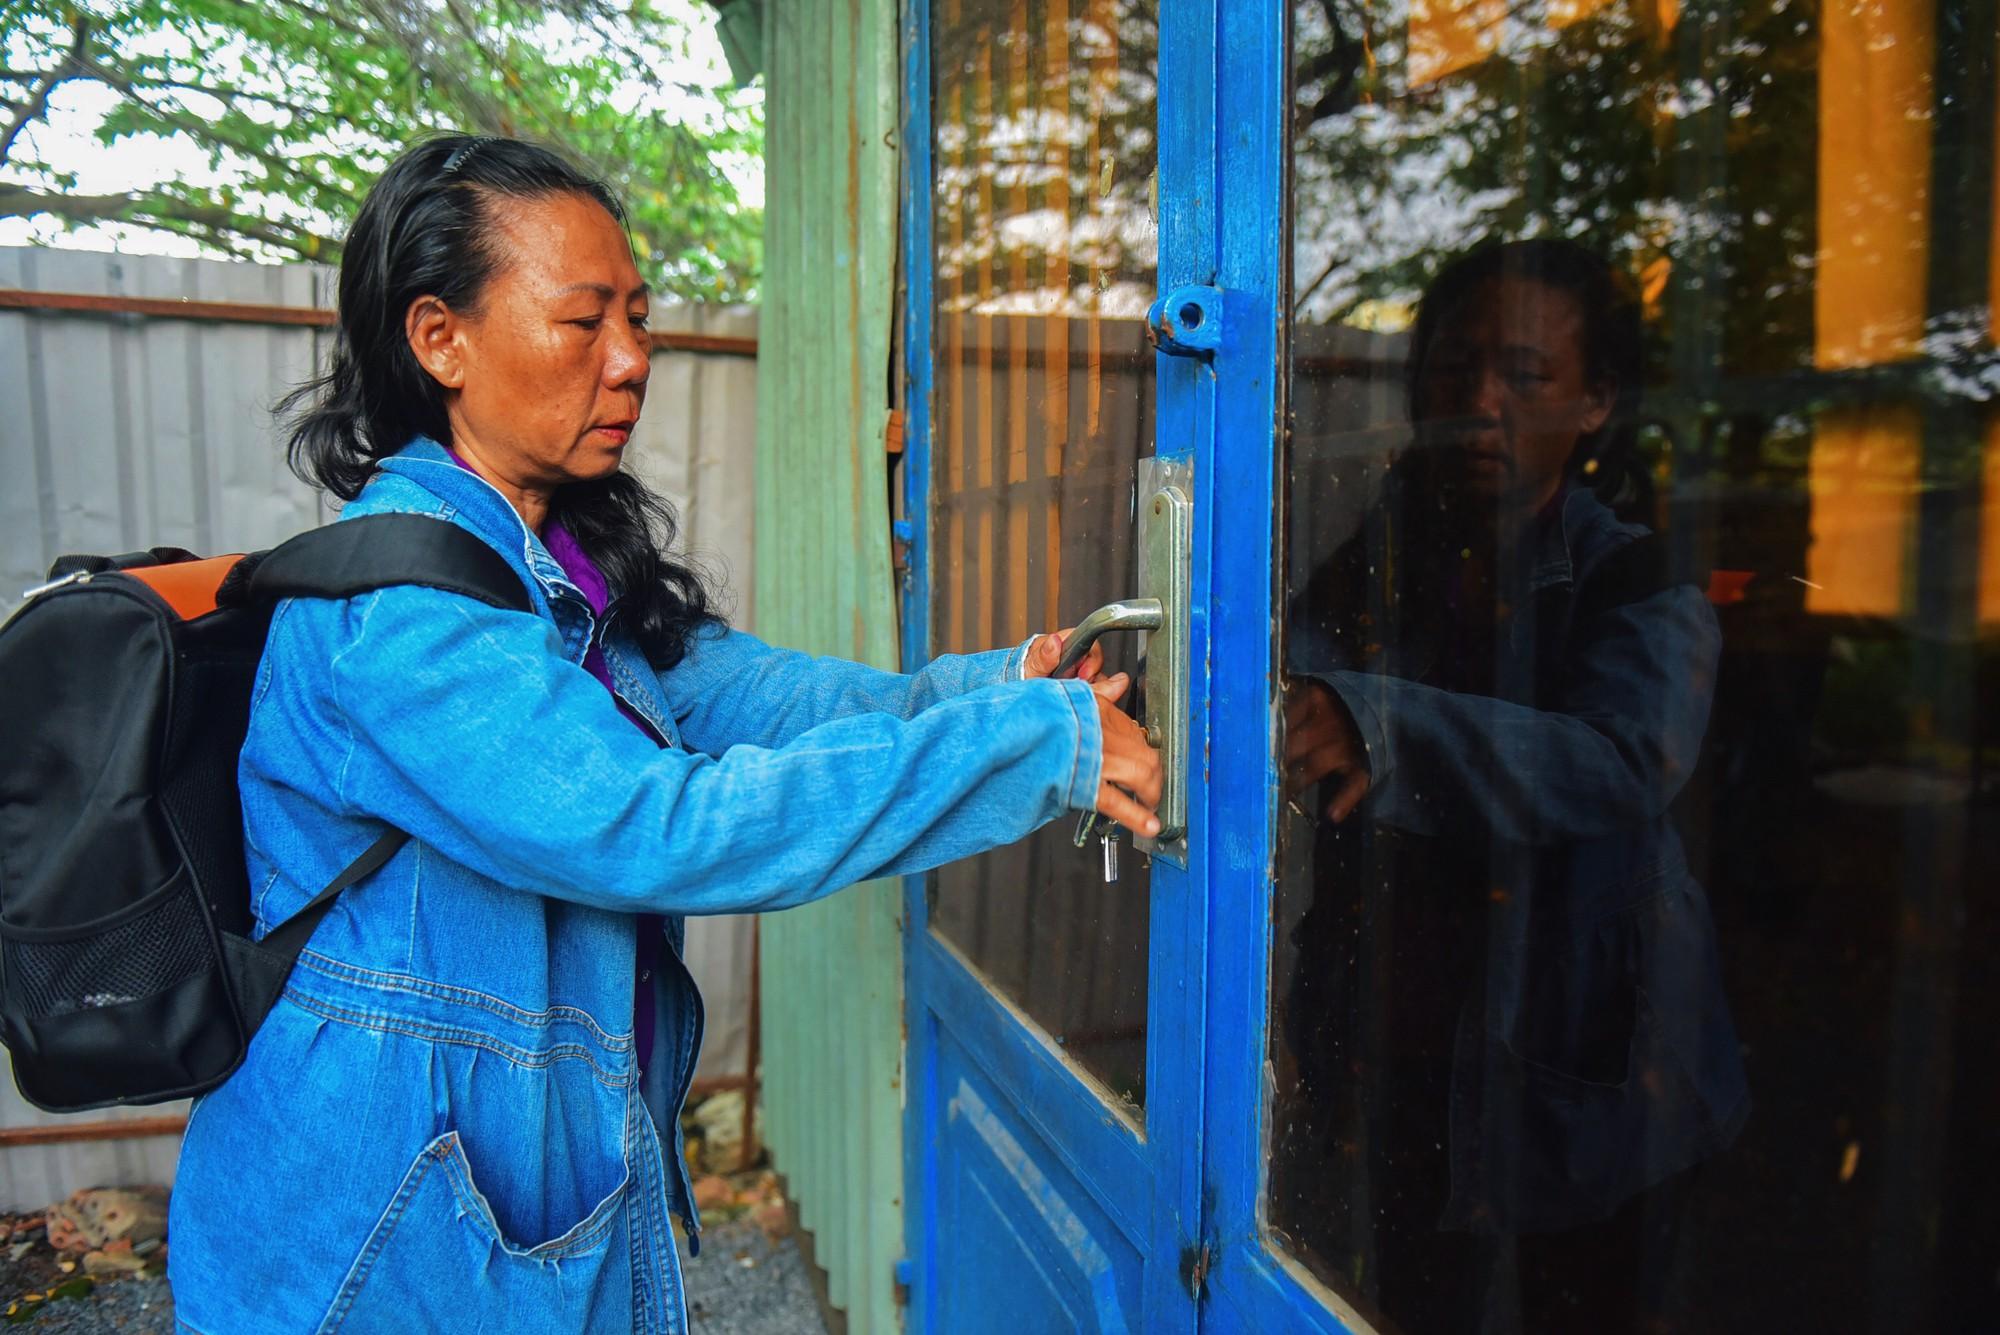 Gia cảnh một gia đình ở Thủ Thiêm tan đàn xẻ nghé vì nhà cửa, đất đai bị cưỡng chế - Ảnh 1.